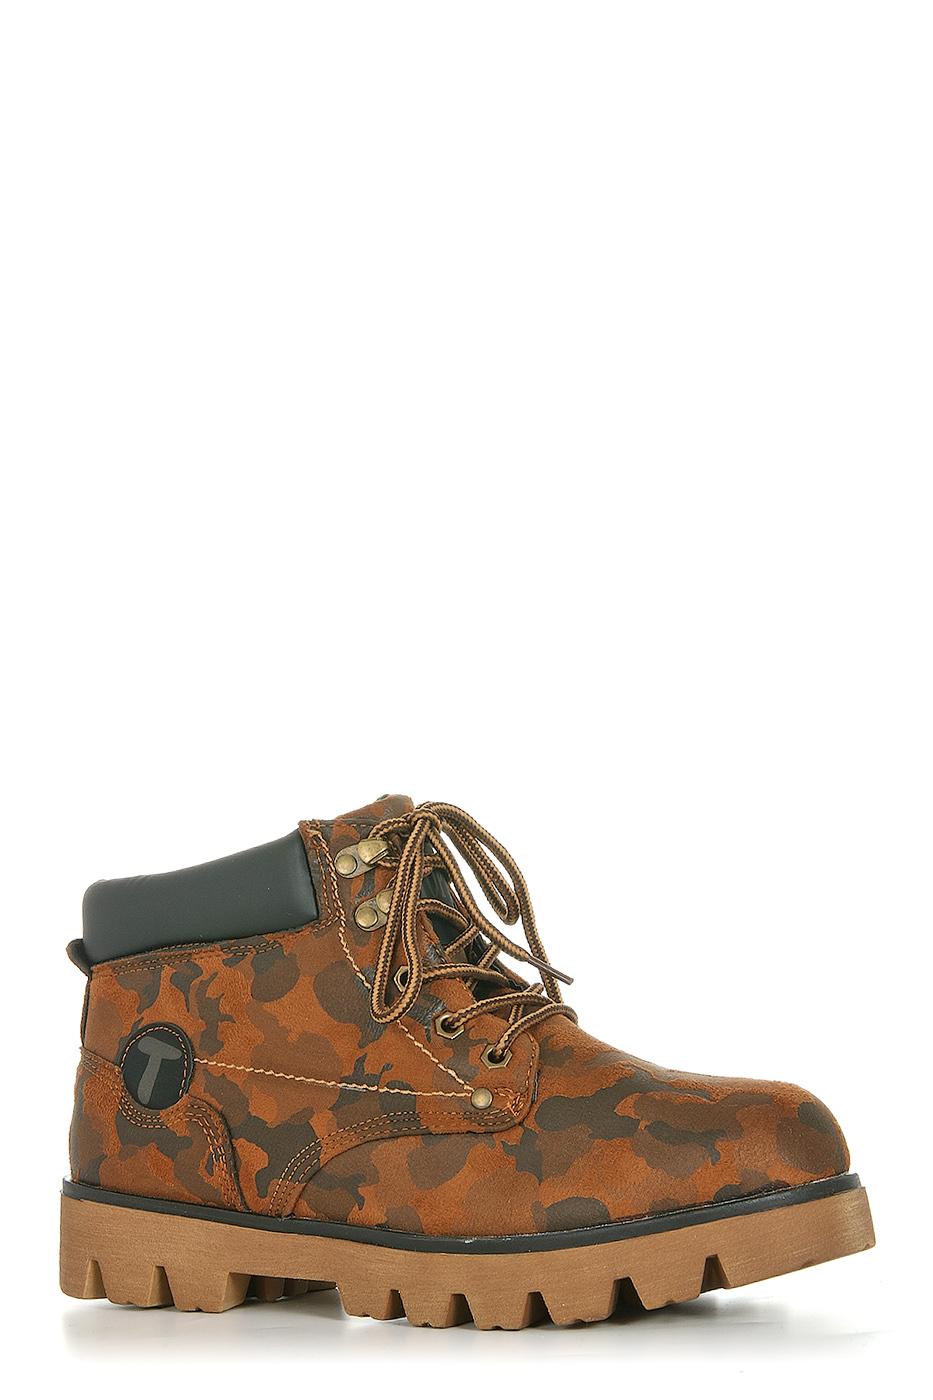 Ботинки TOPLAND2322-PB76186F/BROWN